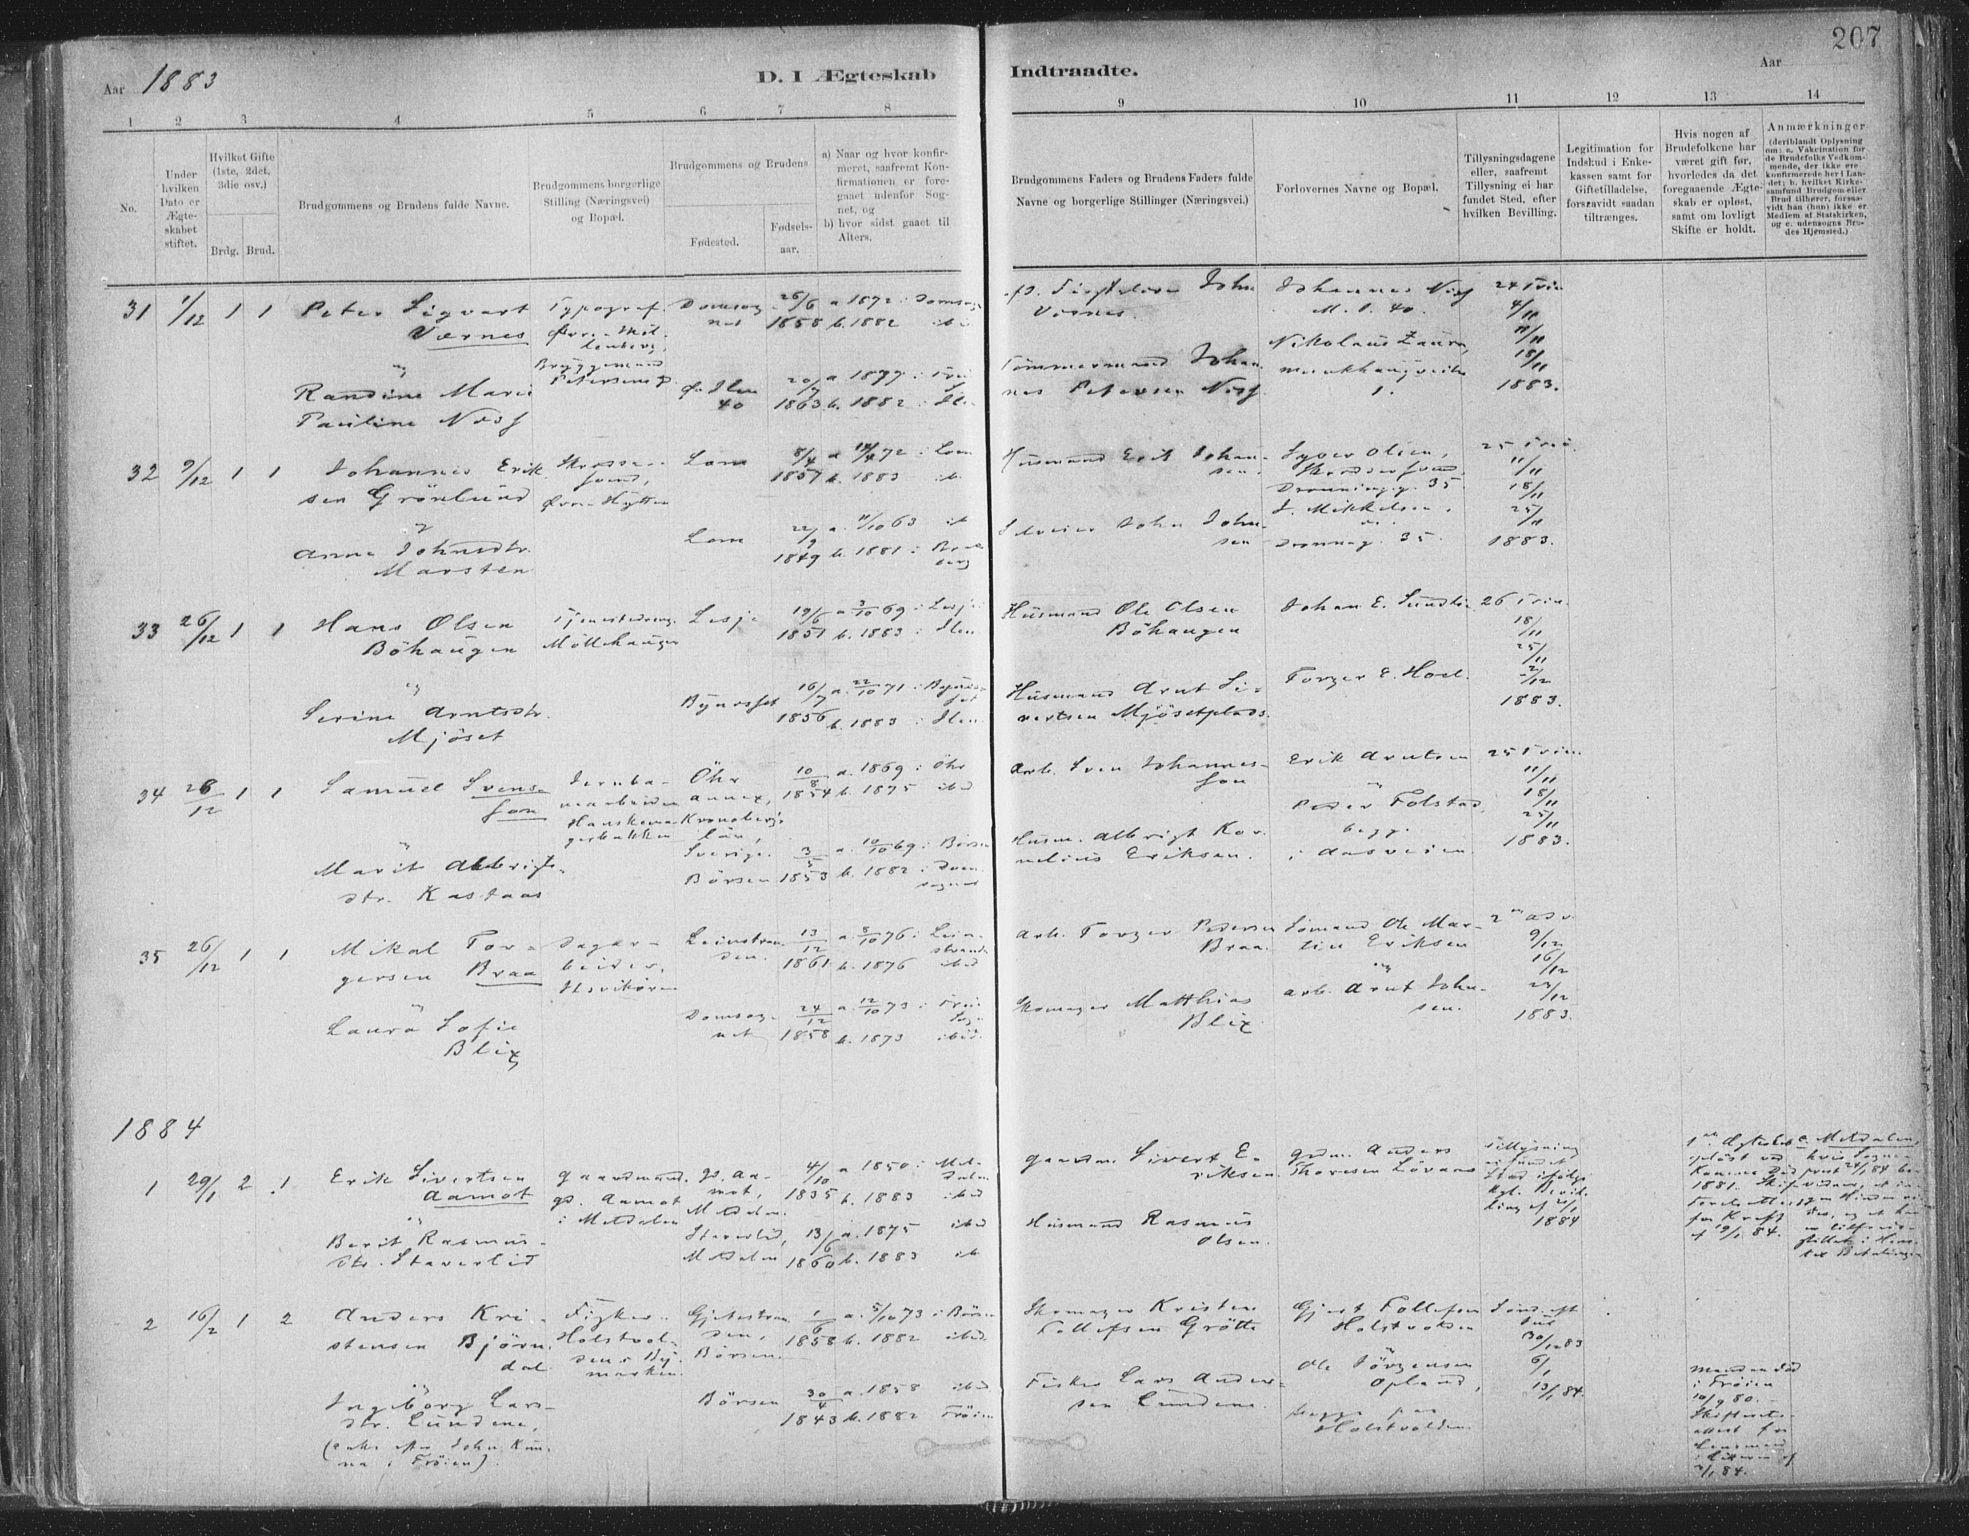 SAT, Ministerialprotokoller, klokkerbøker og fødselsregistre - Sør-Trøndelag, 603/L0162: Ministerialbok nr. 603A01, 1879-1895, s. 207